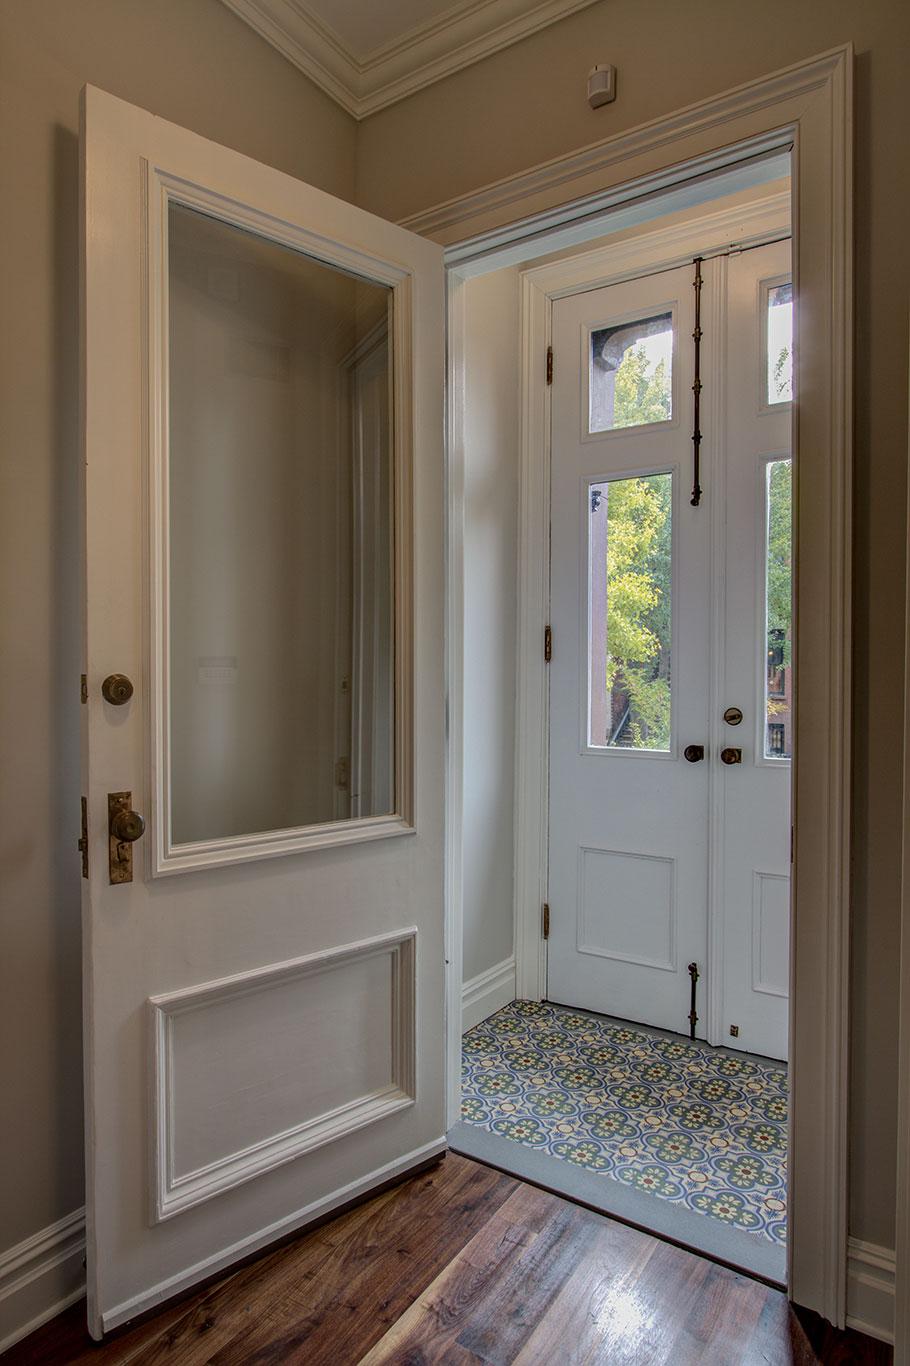 Тюль на окно с балконной дверью фото спецификации